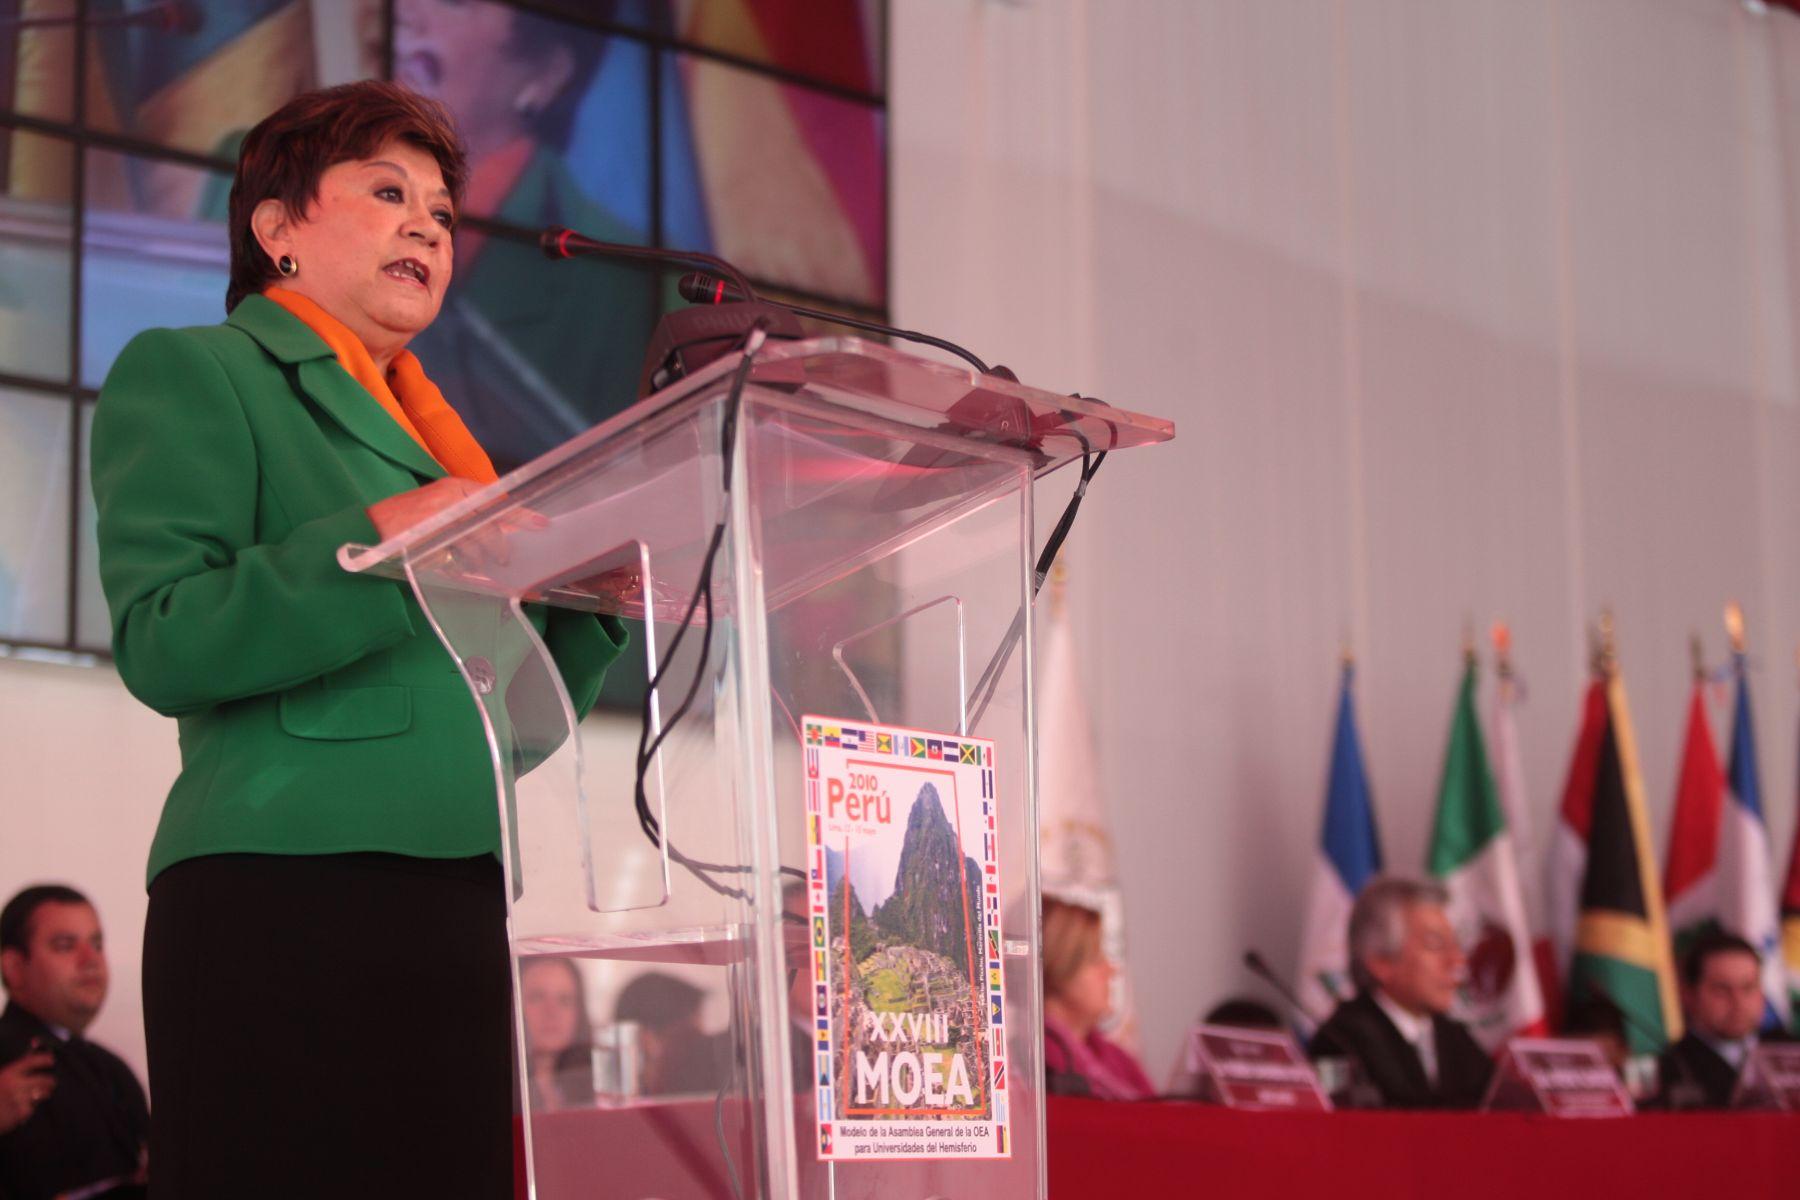 Embajadora Luzmila Zanabria, subsecretaria de Asuntos Multilaterales, en la inauguración del XXVIII Modelo de la Asamblea General de la Organización de Estados Americanos (MOEA), Foto: ANDINA/Carlos Lezama.